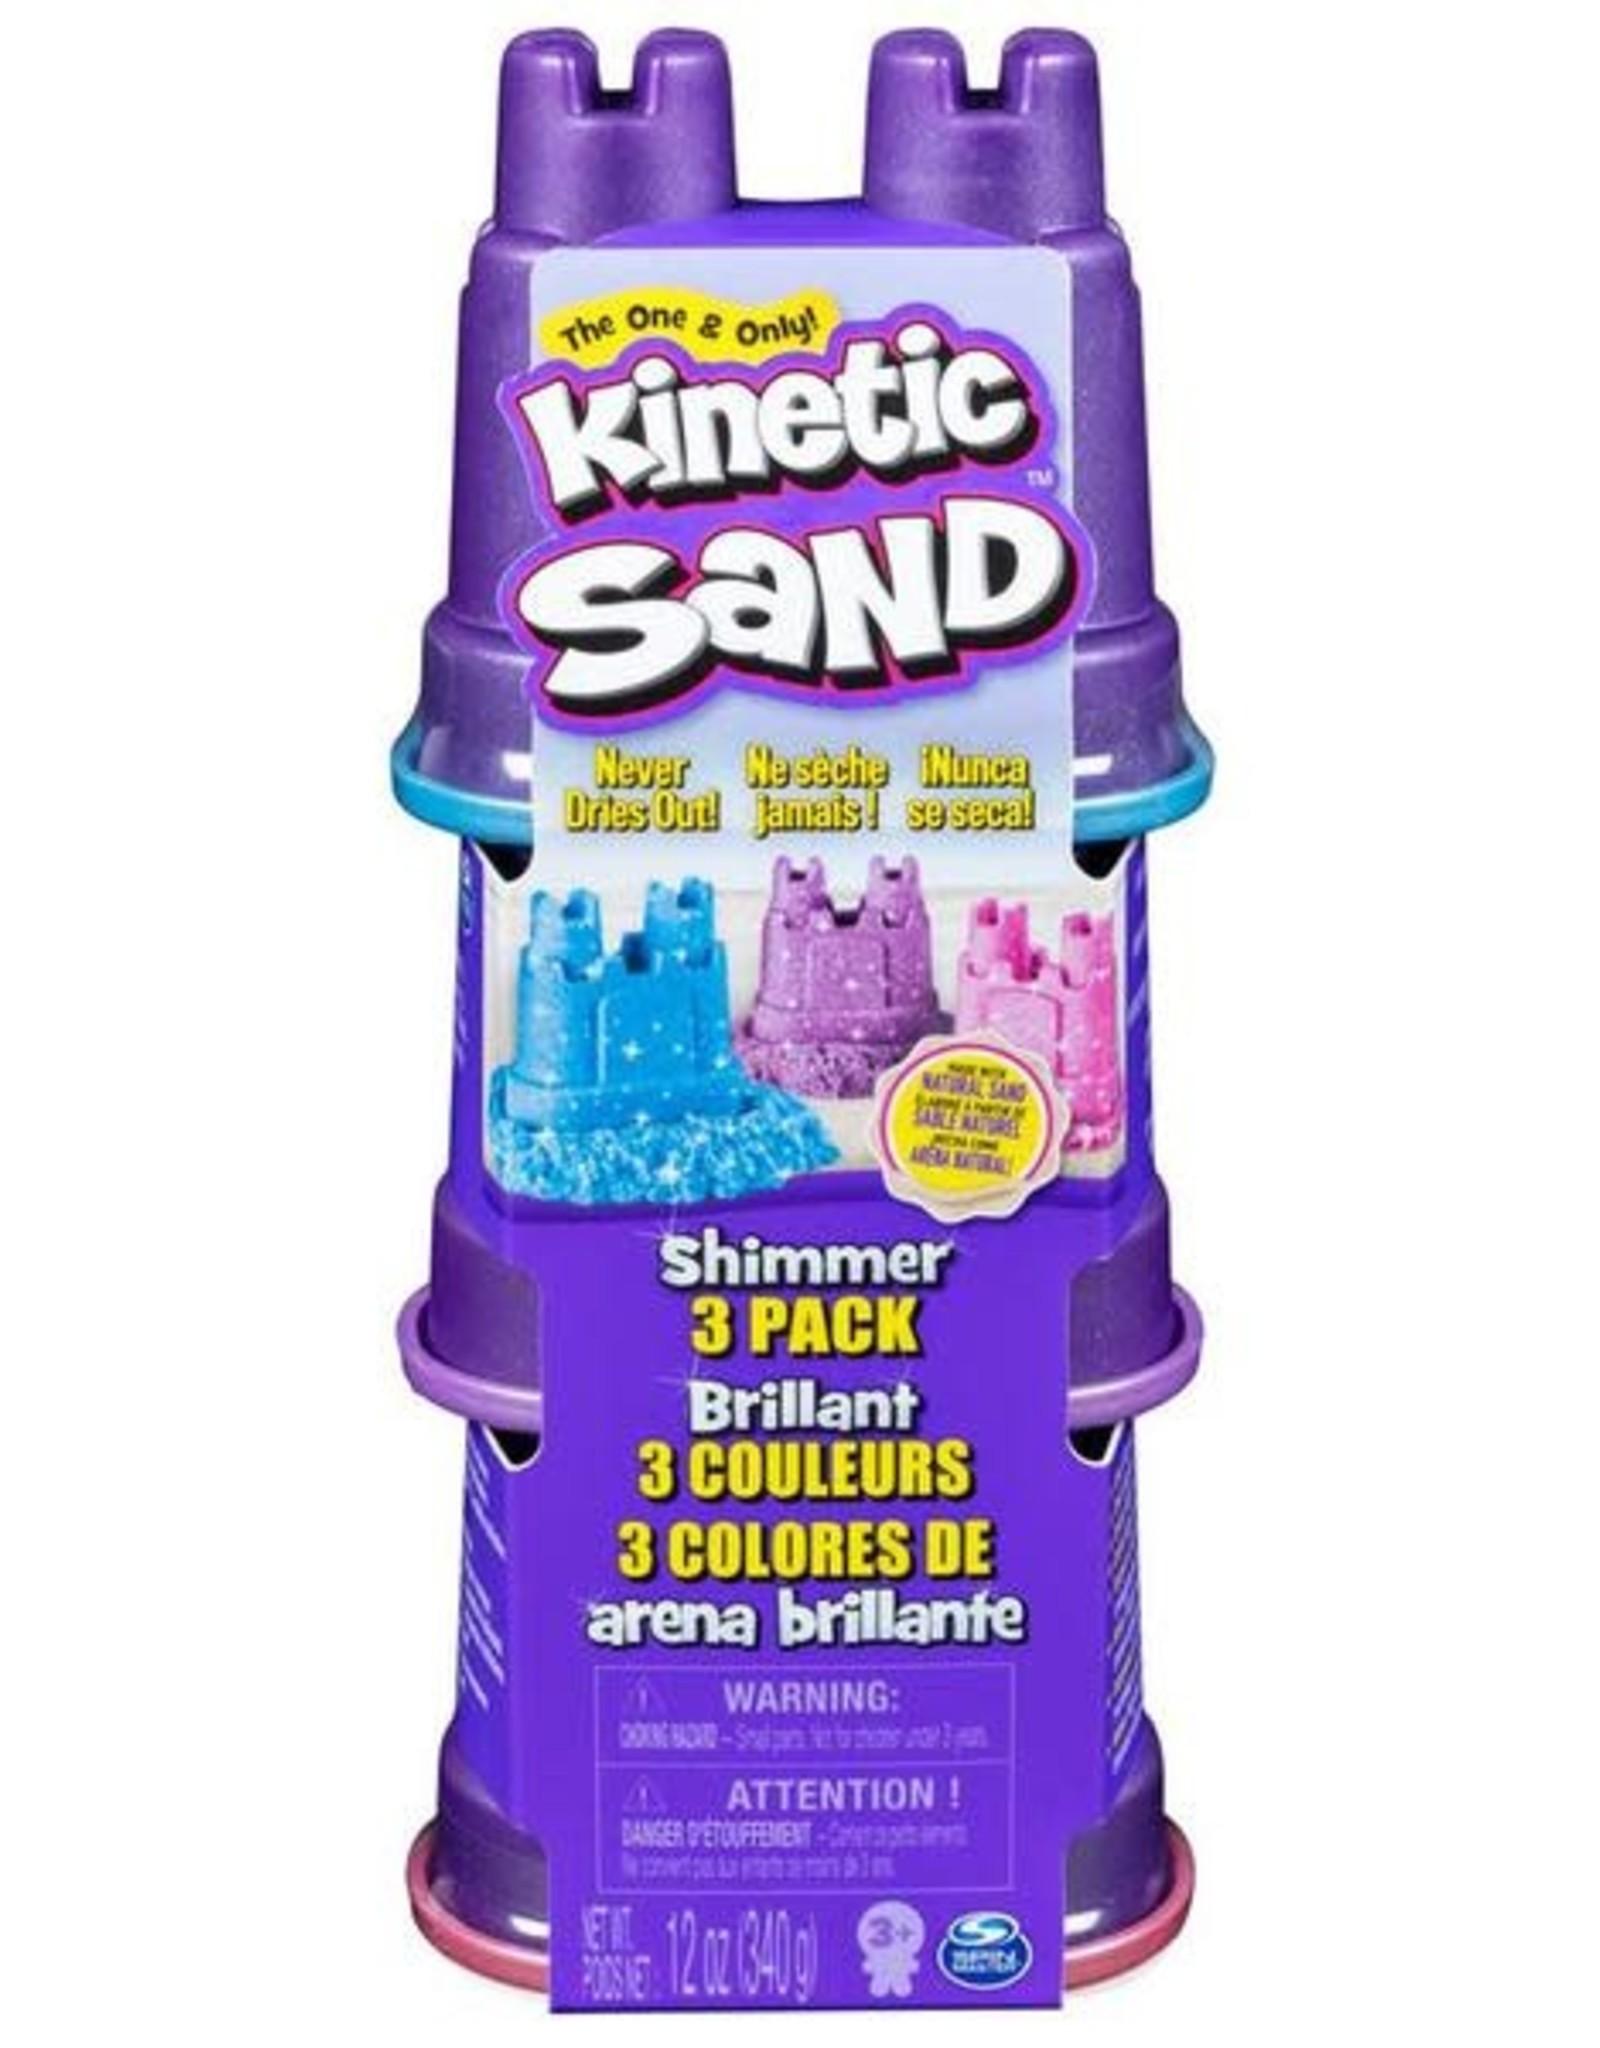 Kinetic Sand Kinetic Sand Single Shimmer 3 Pack